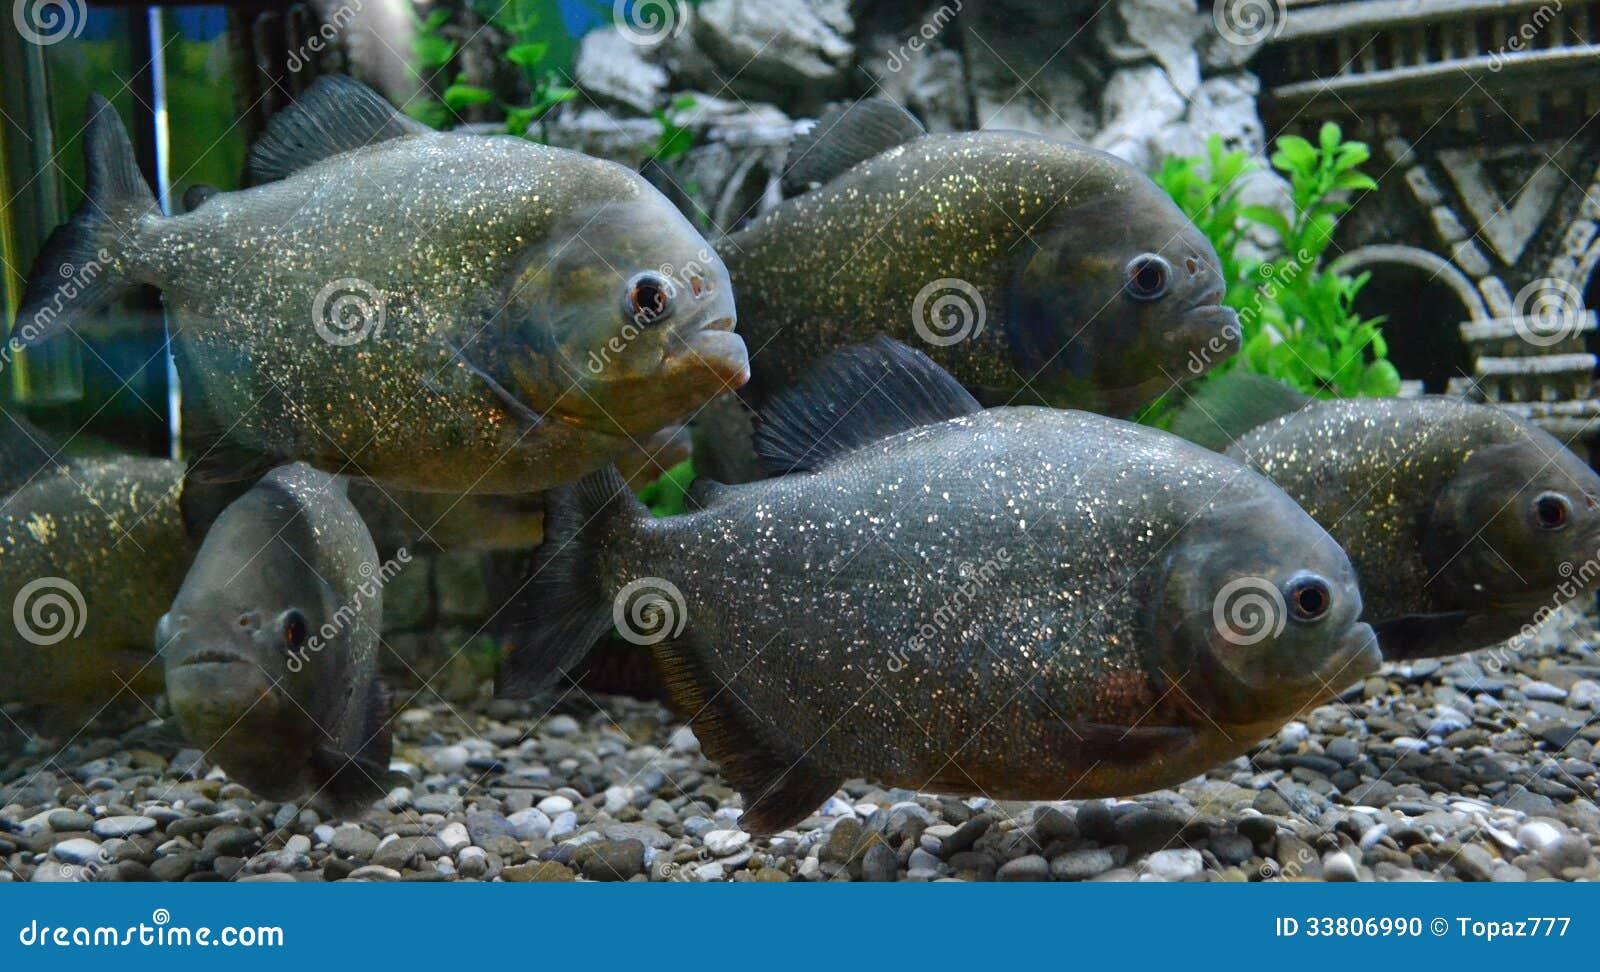 poissons de piranha dans un aquarium photo stock image 33806990